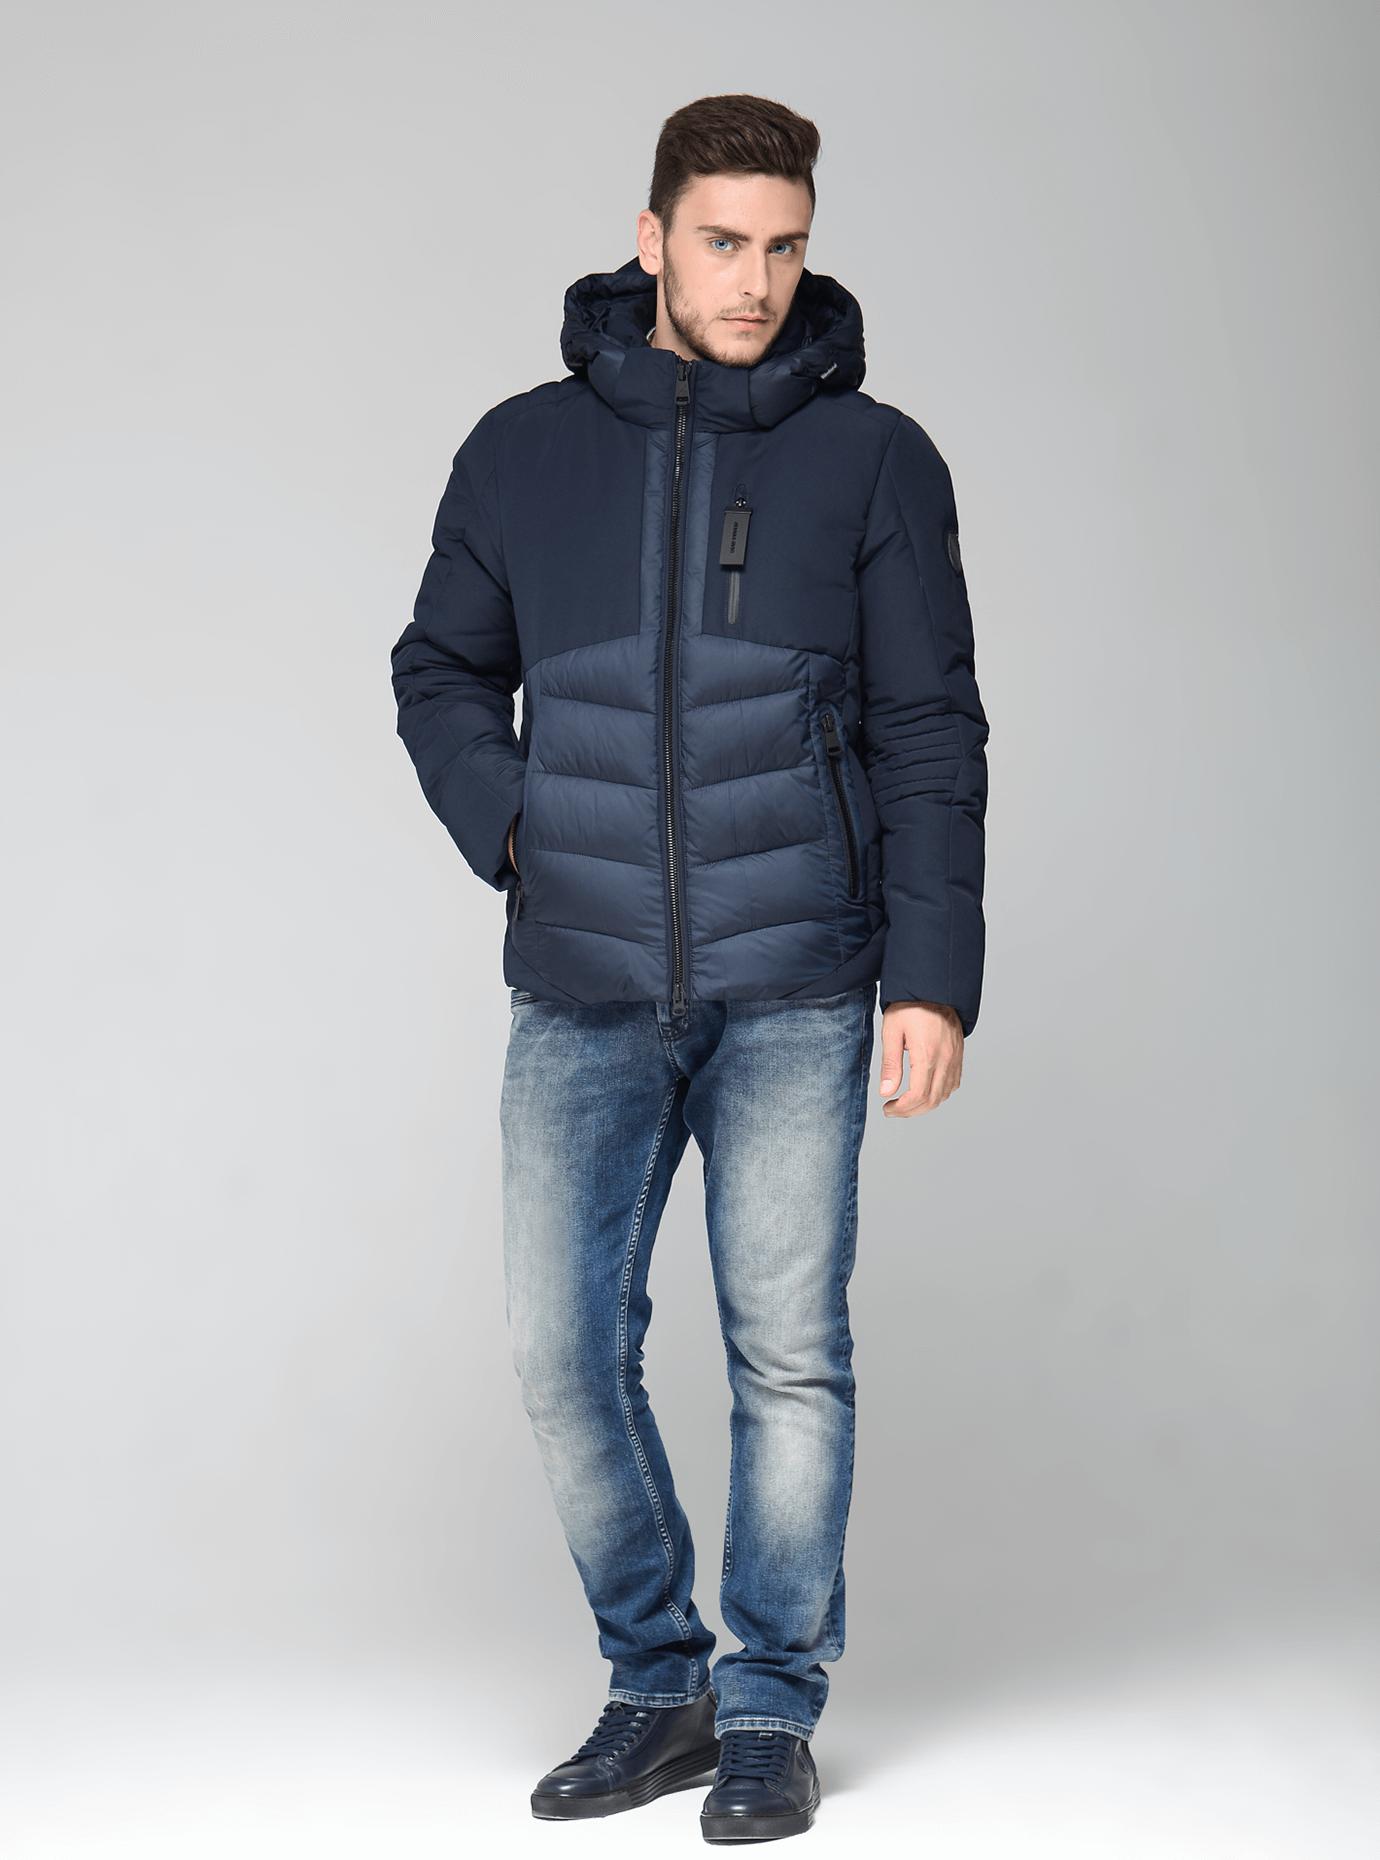 Зимняя мужская куртка Чёрный 46 (02-MC19199): фото - Alster.ua